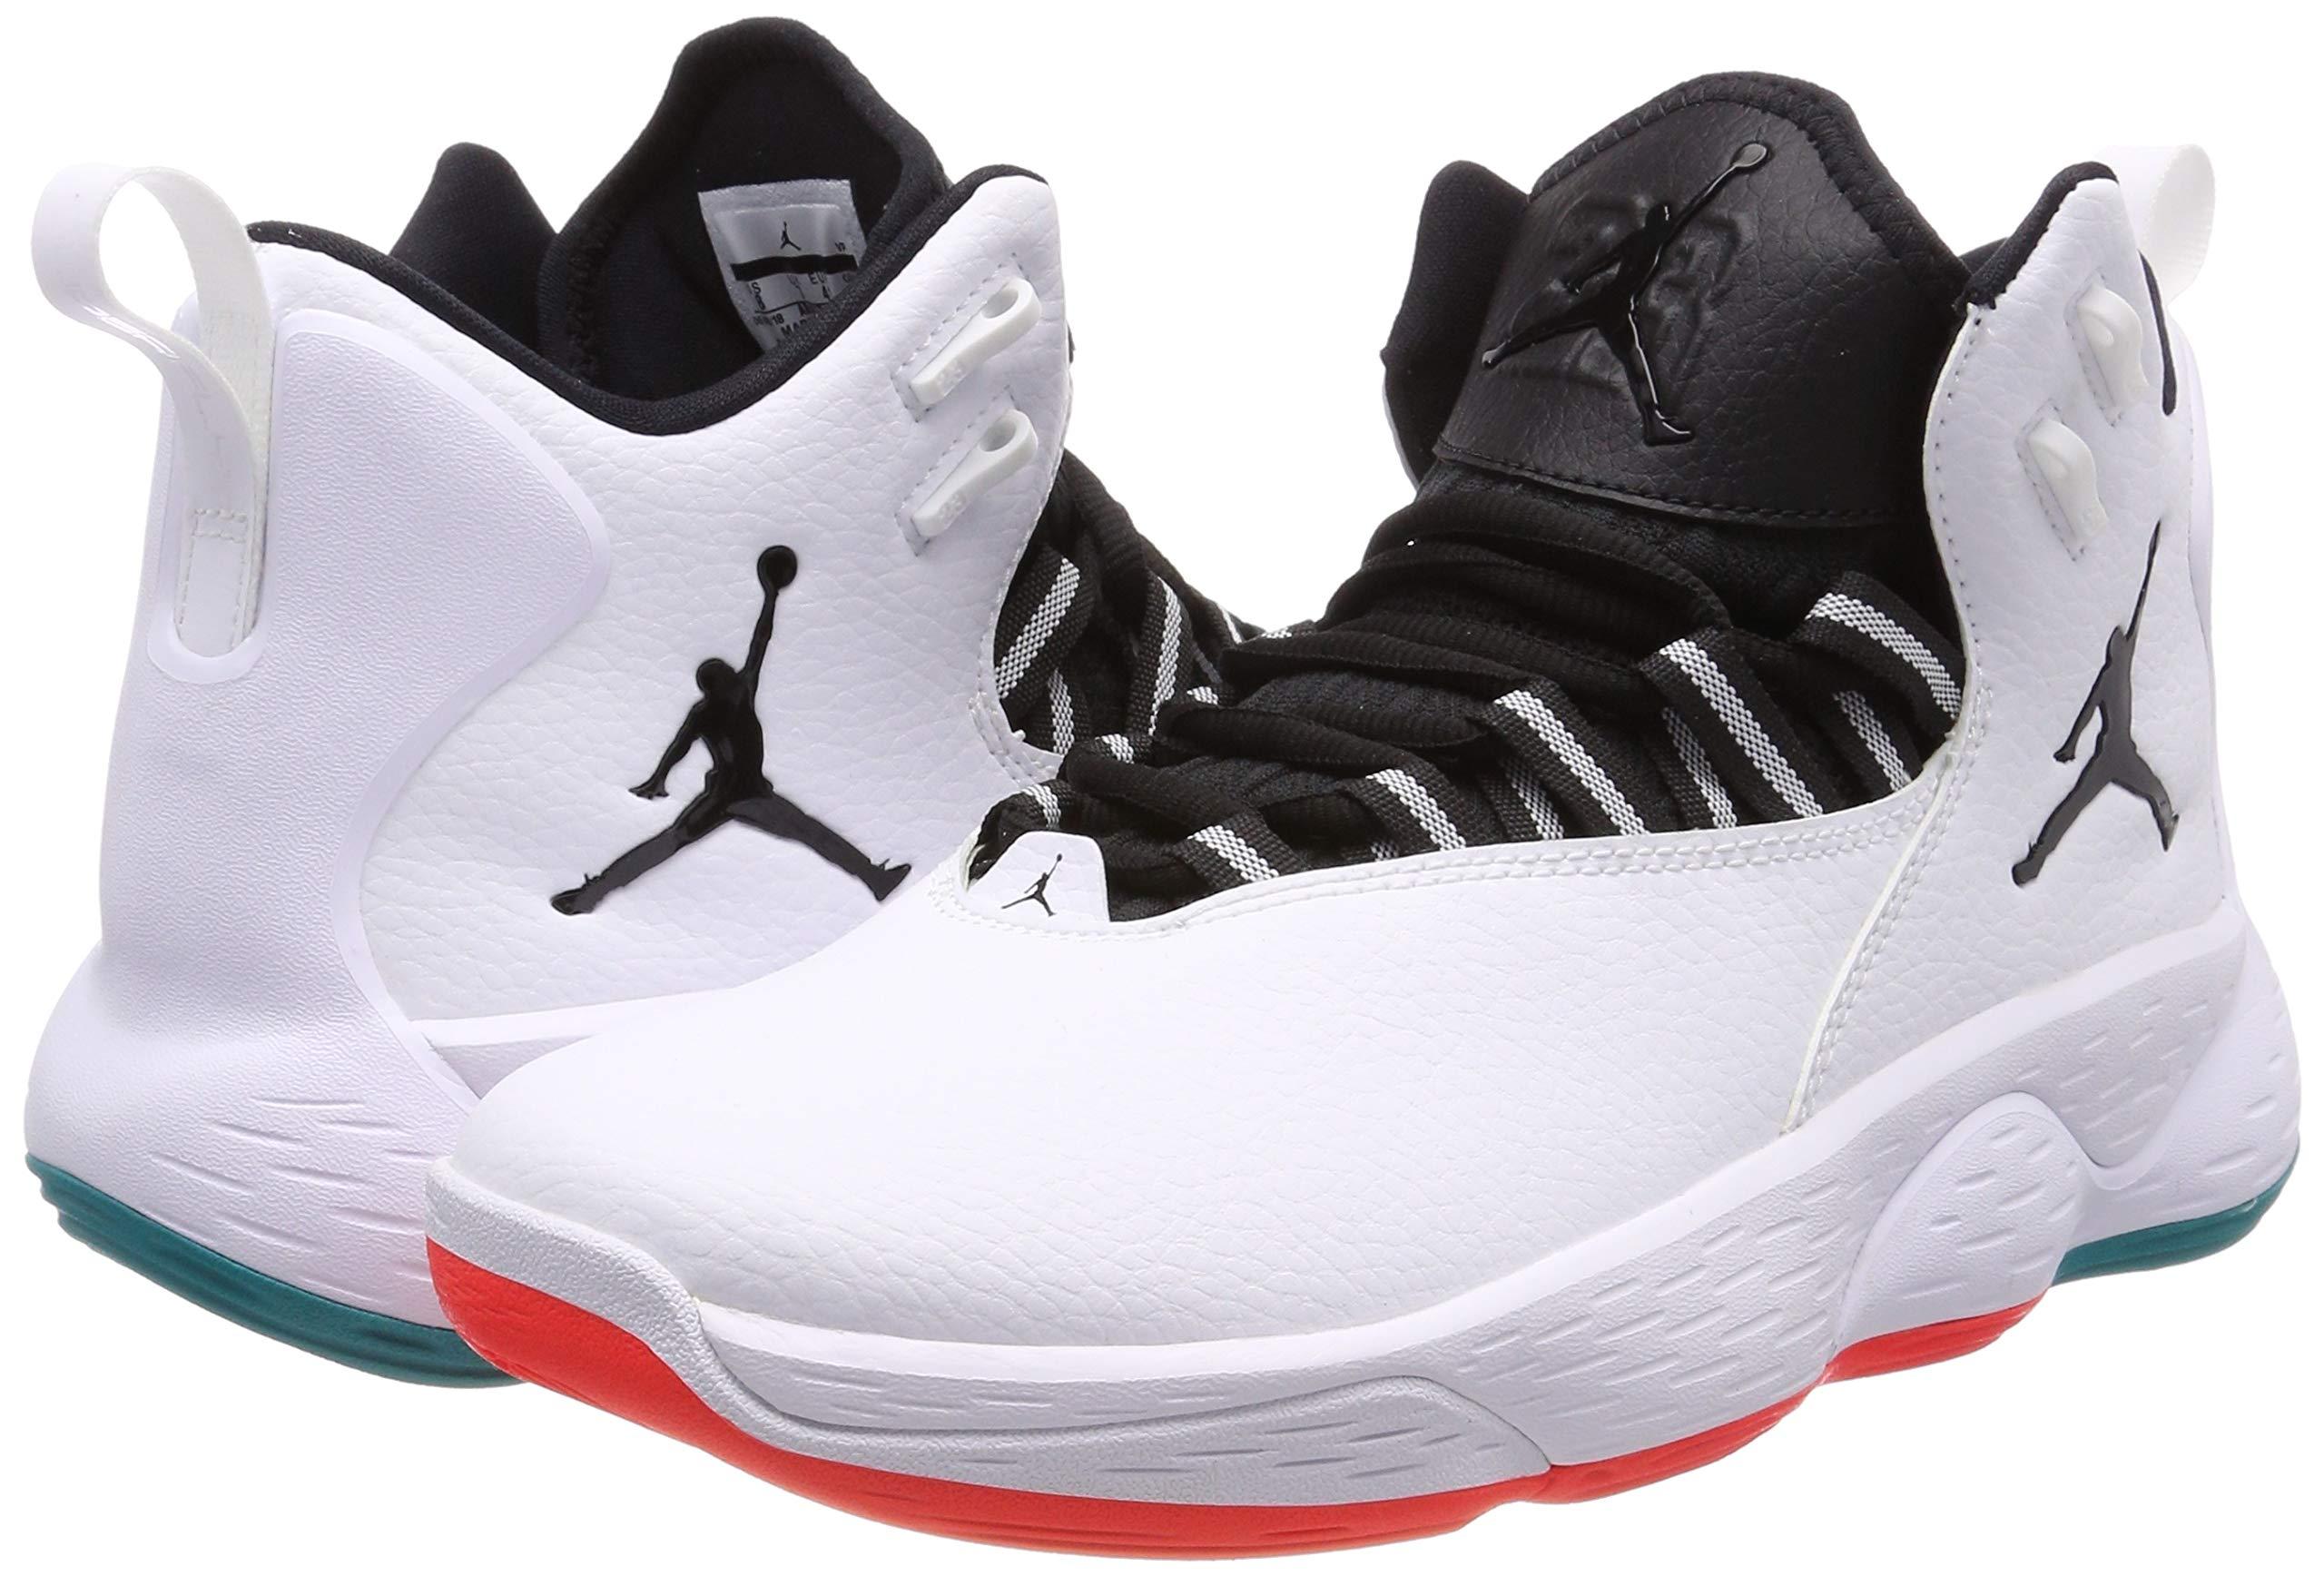 Nike Jordan Super.Fly MVP, Scarpe da Basket Uomo FACESHOPPING  rskMPv